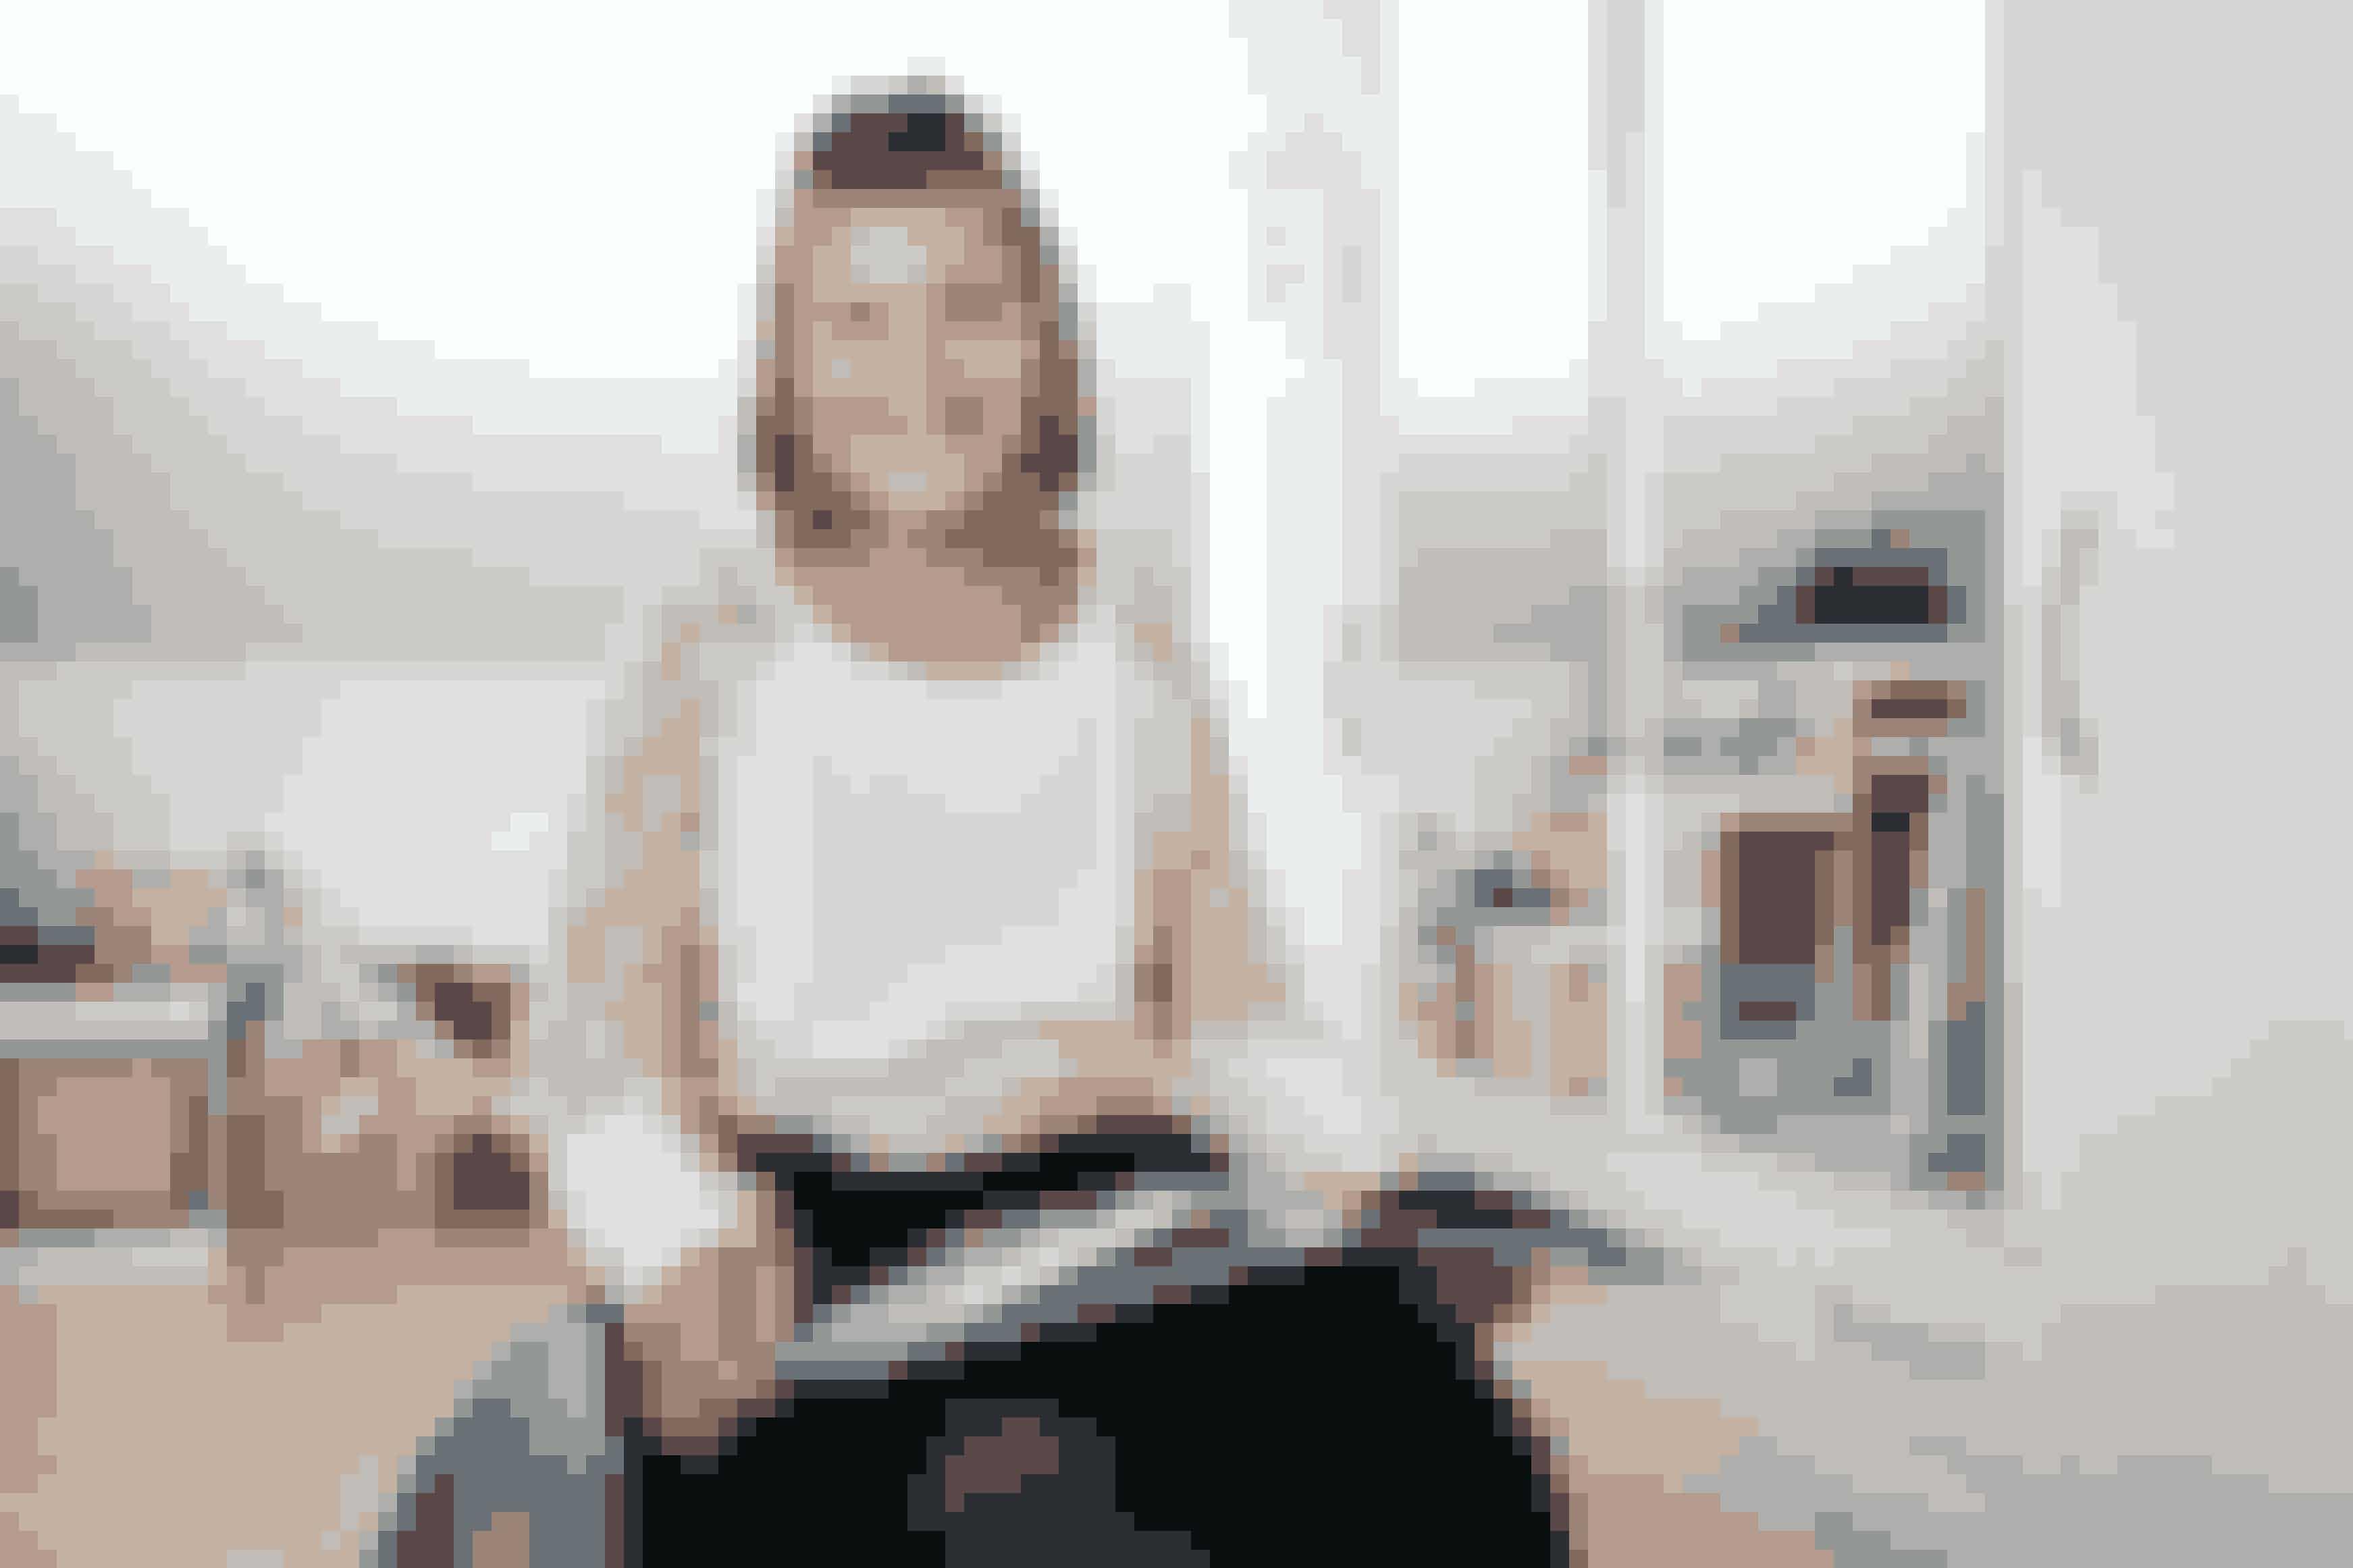 11-årige Anne er blevet hjulpet med sansemotorisk træning